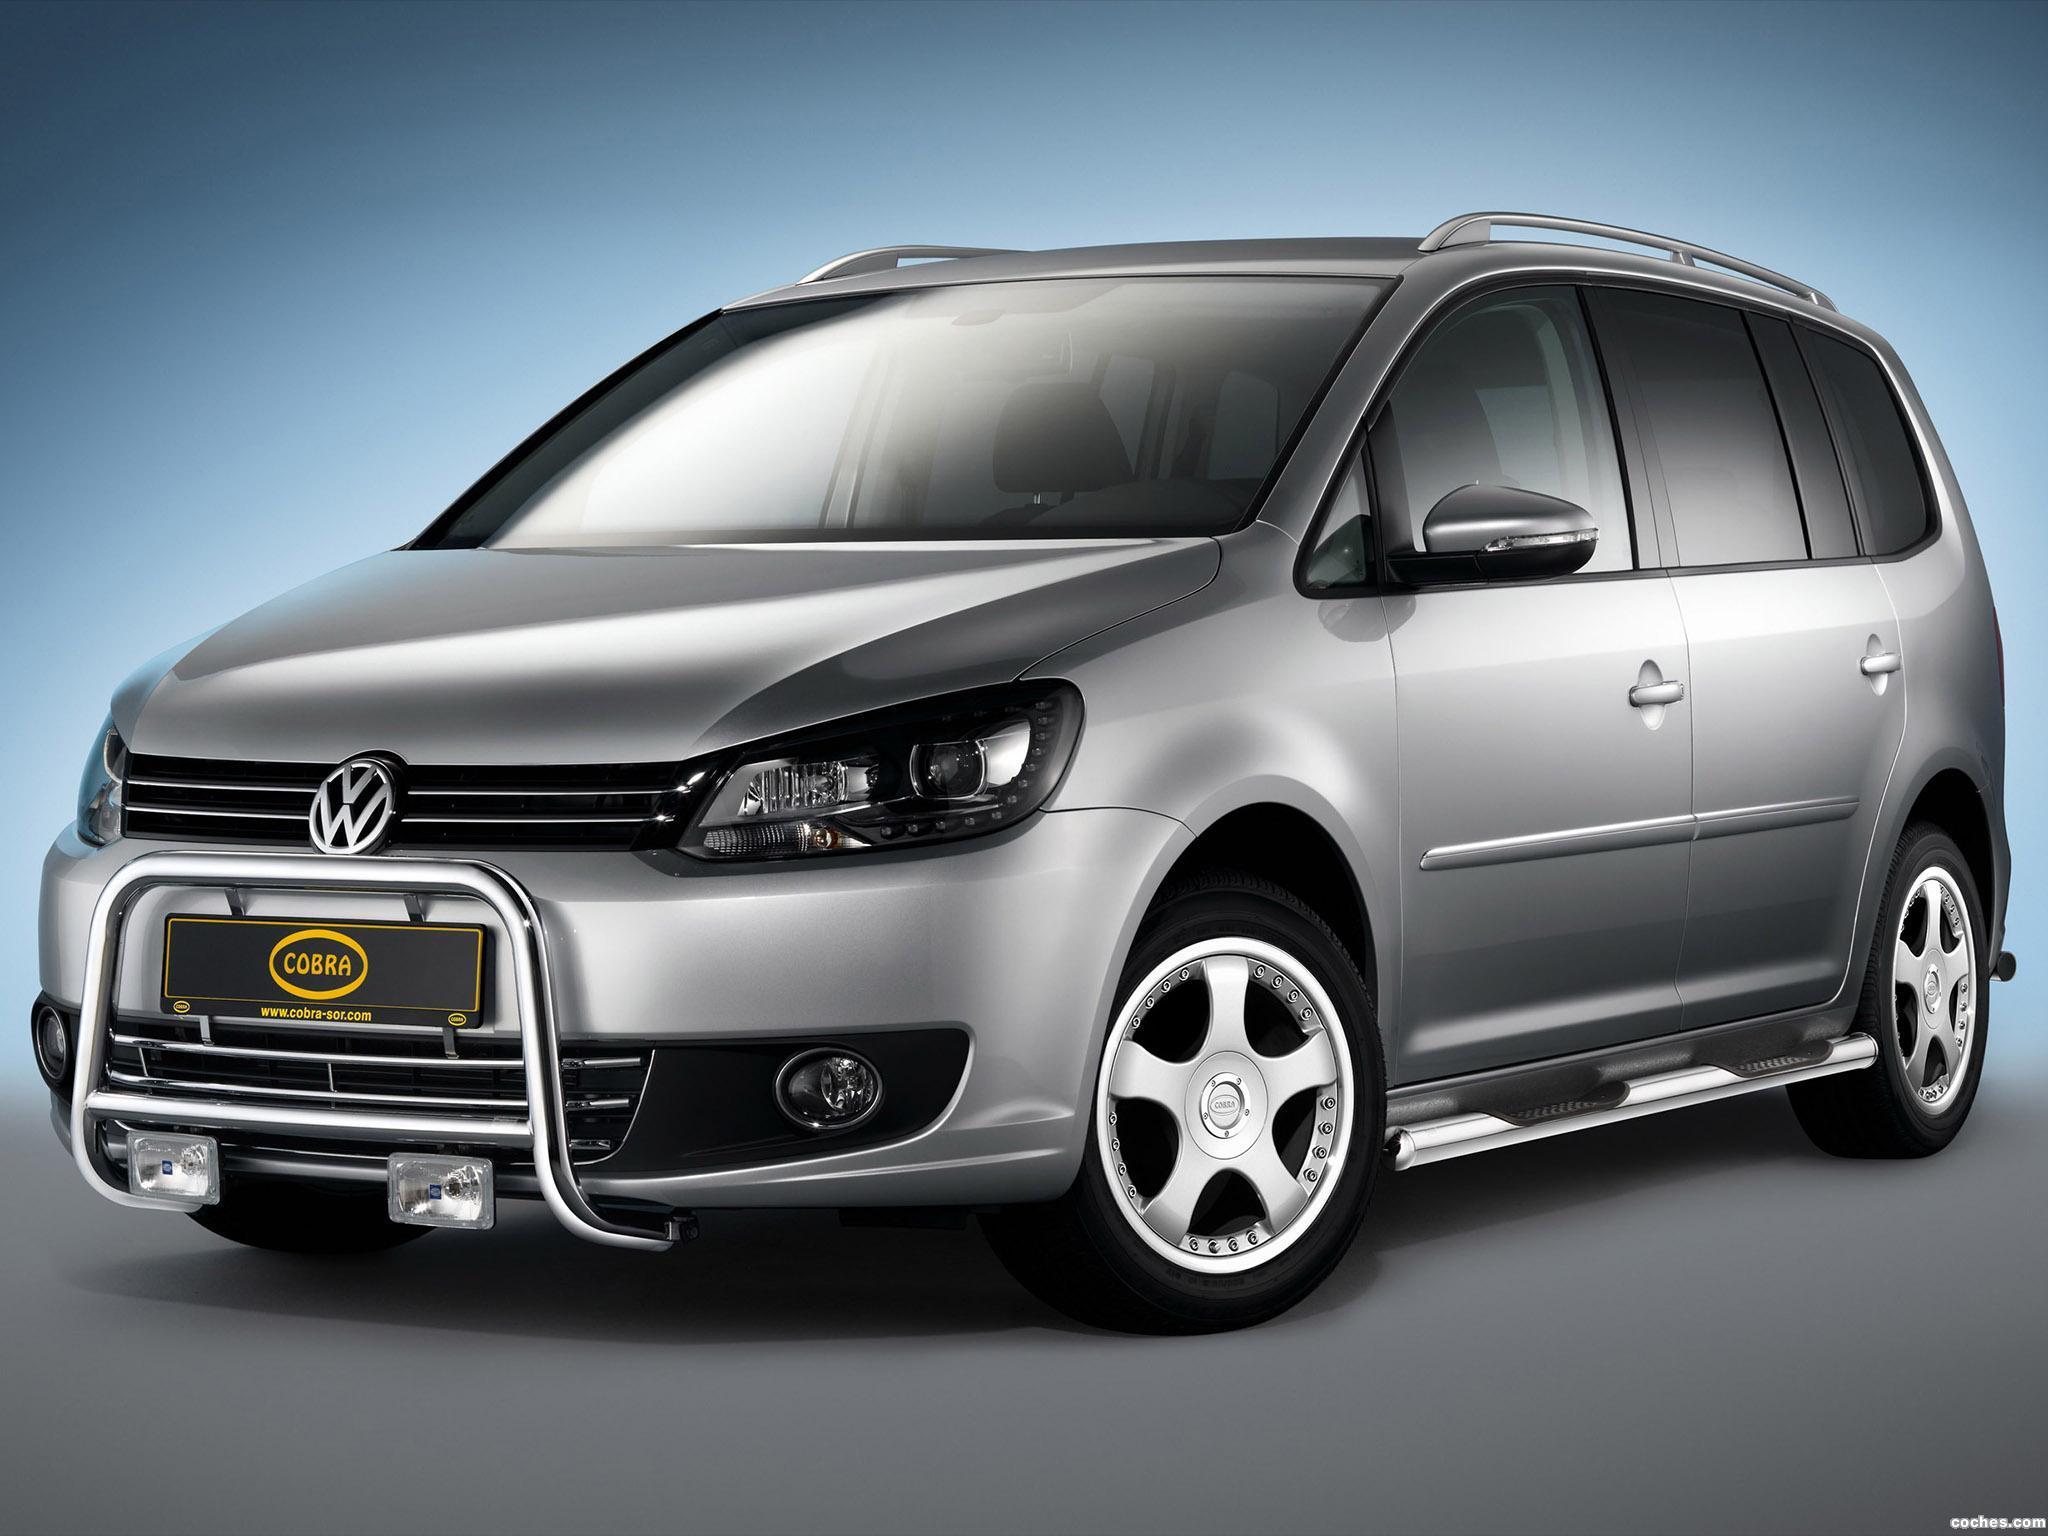 Foto 0 de Volkswagen Cobra Touran 2011